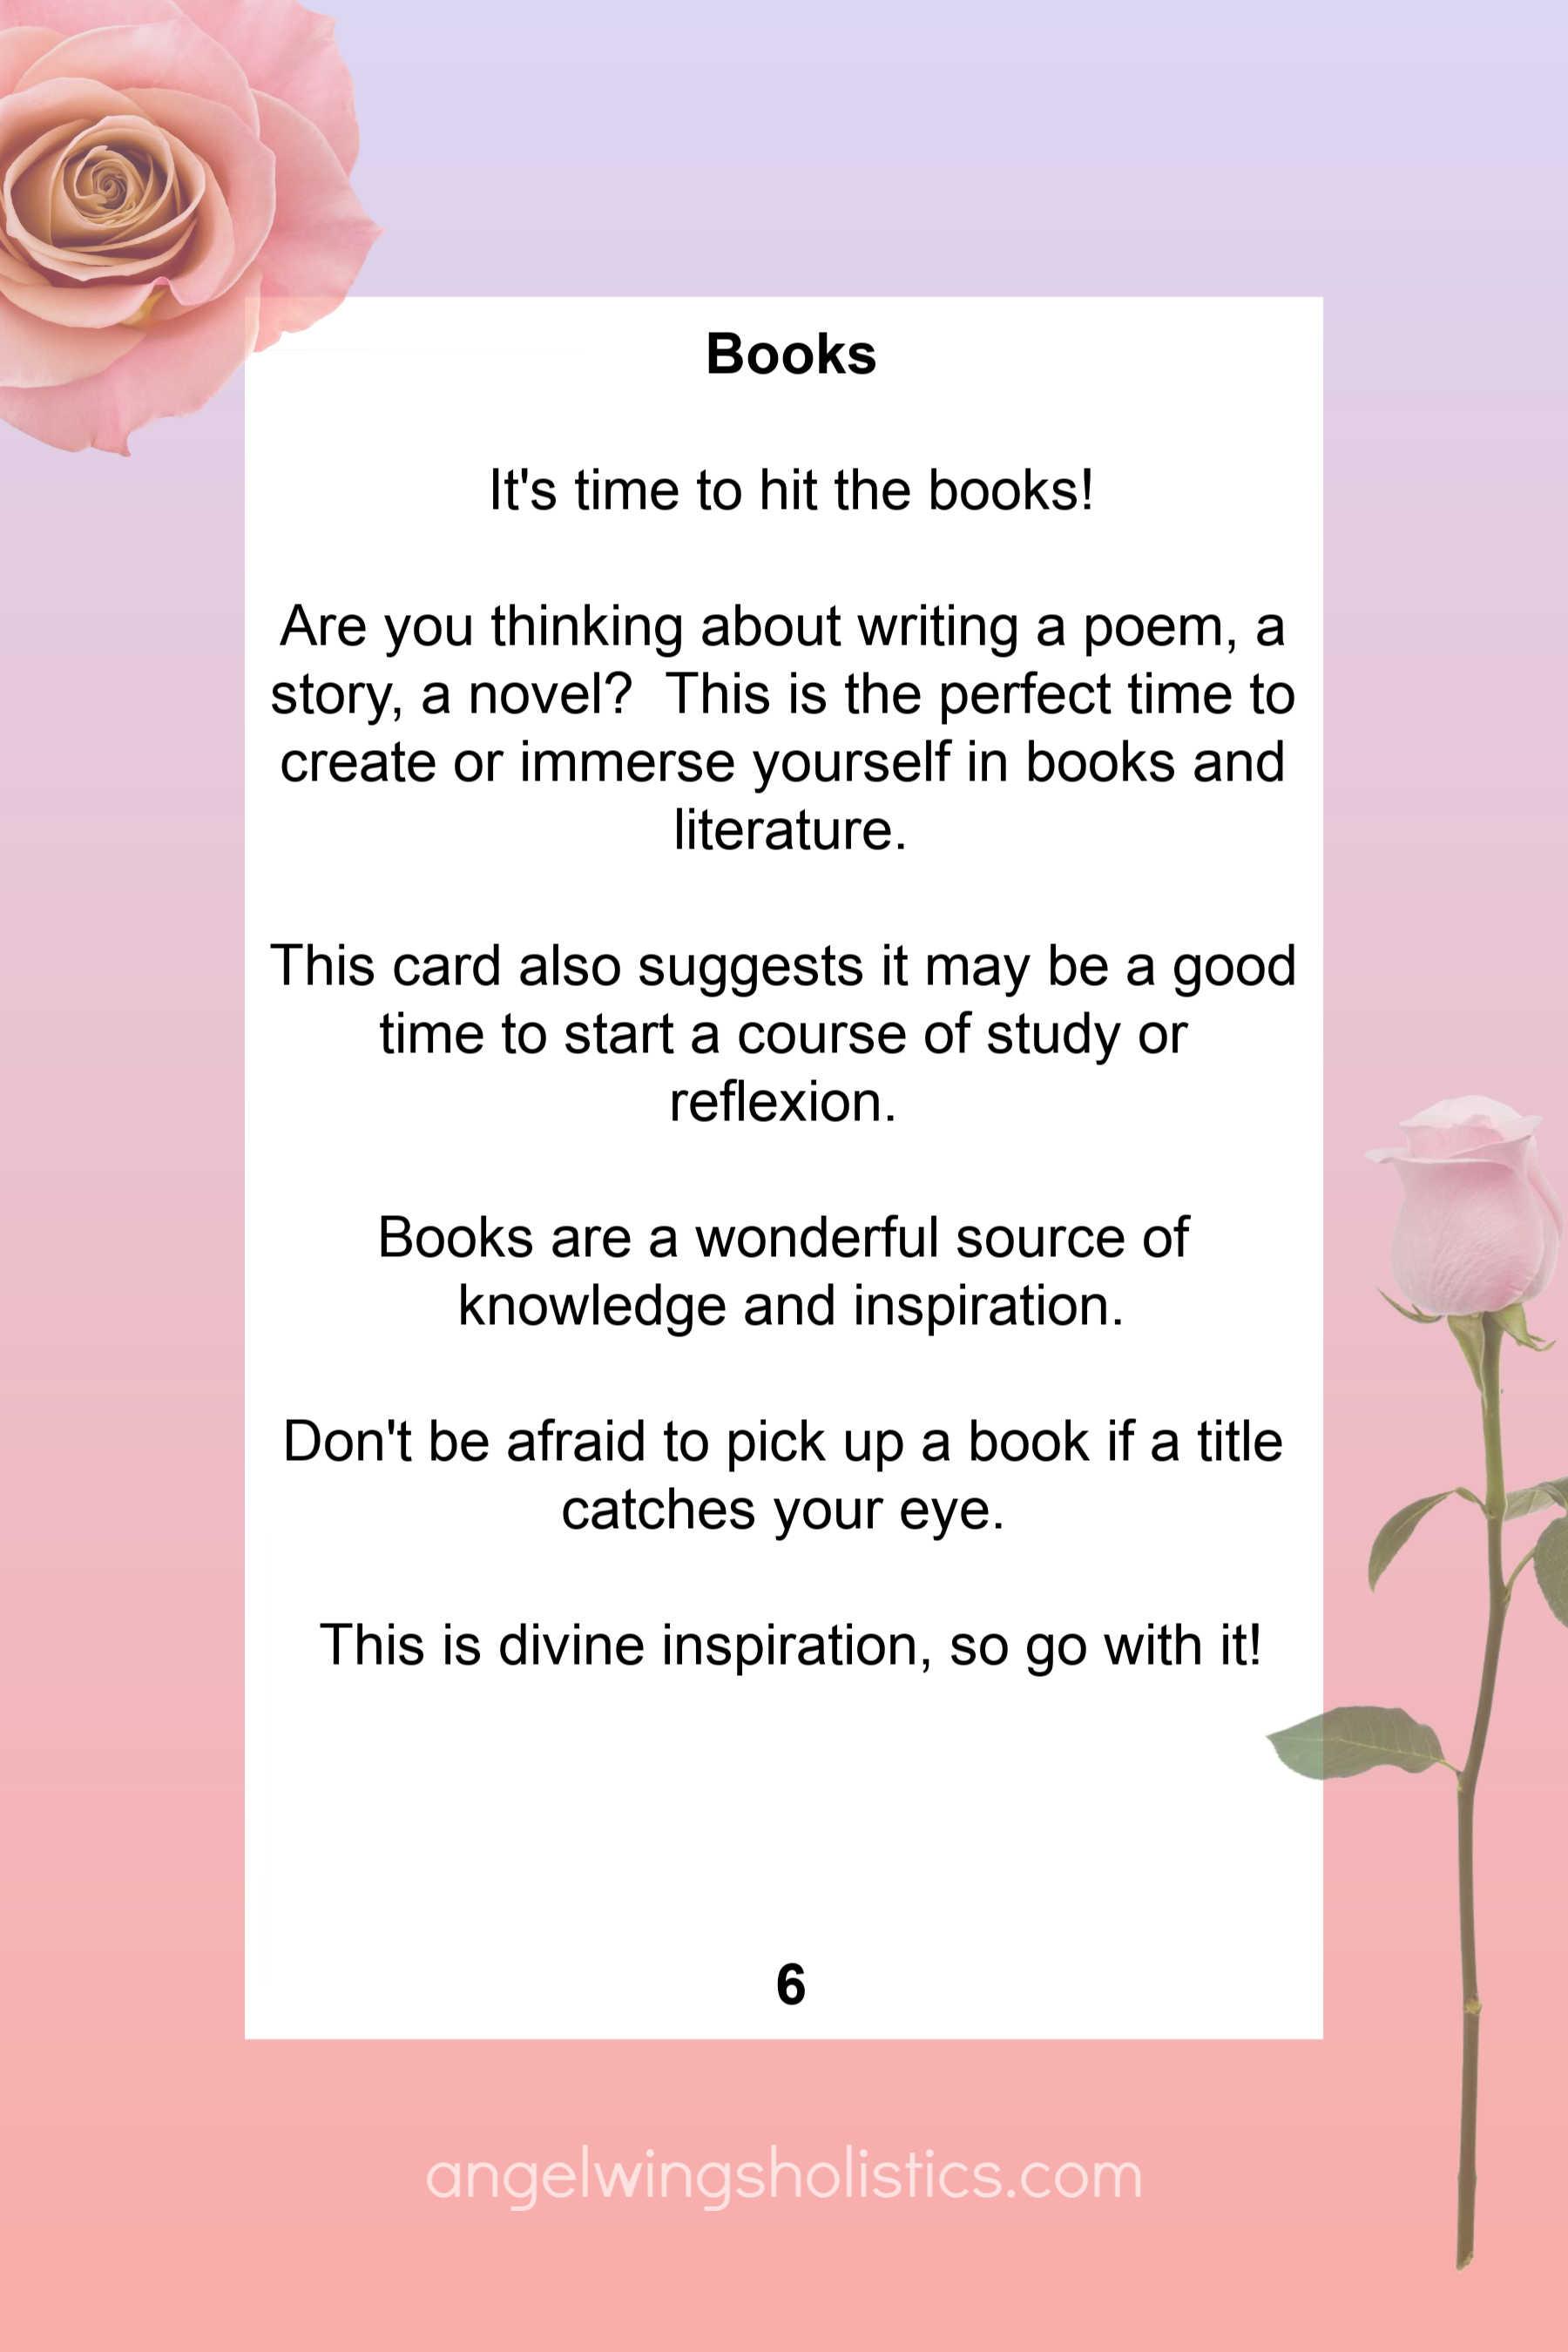 6-books.jpg